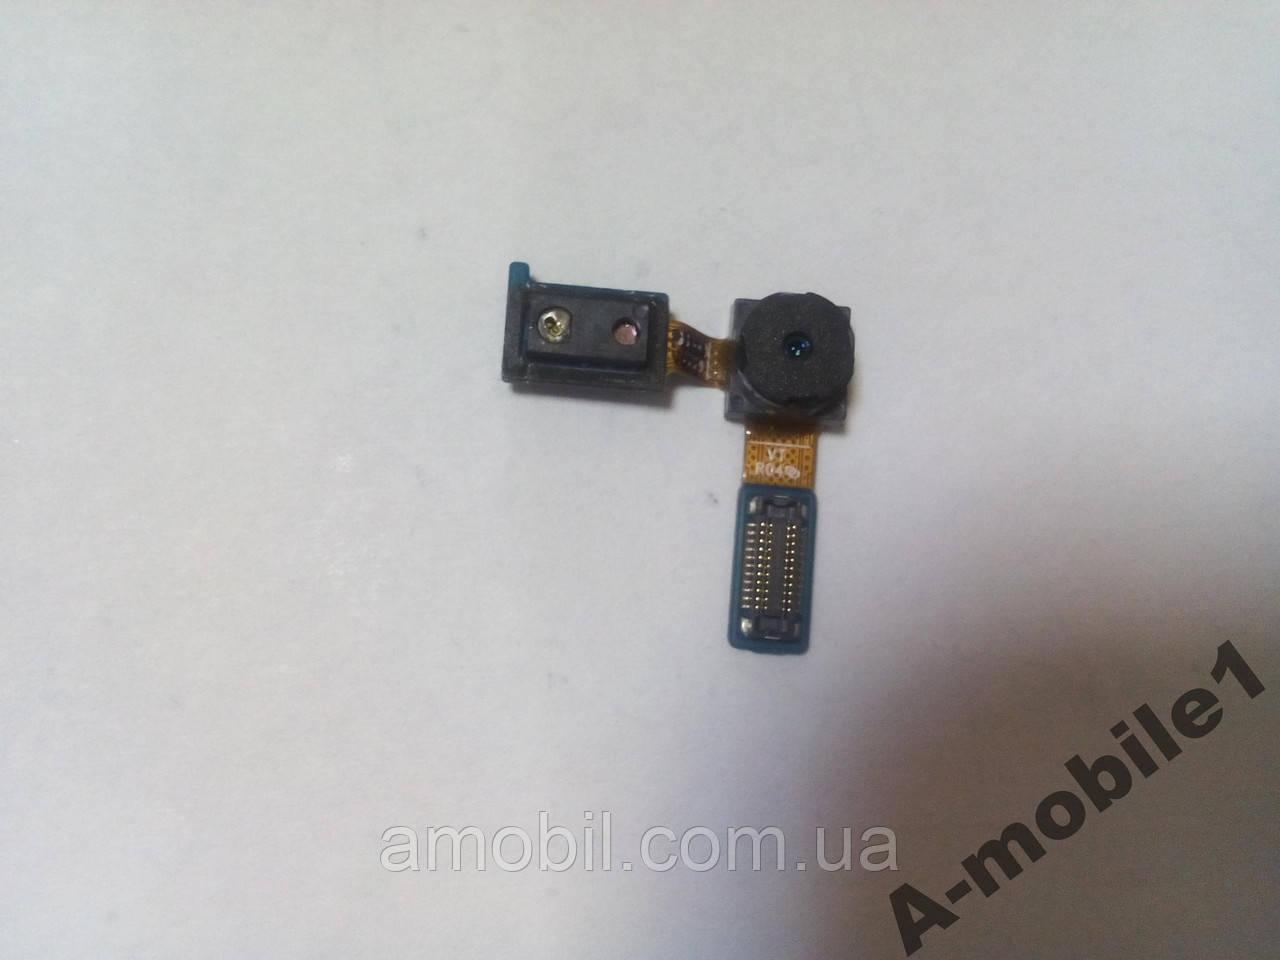 Передняя фронтальная камера с датчиком Samsung S3 i9300 orig